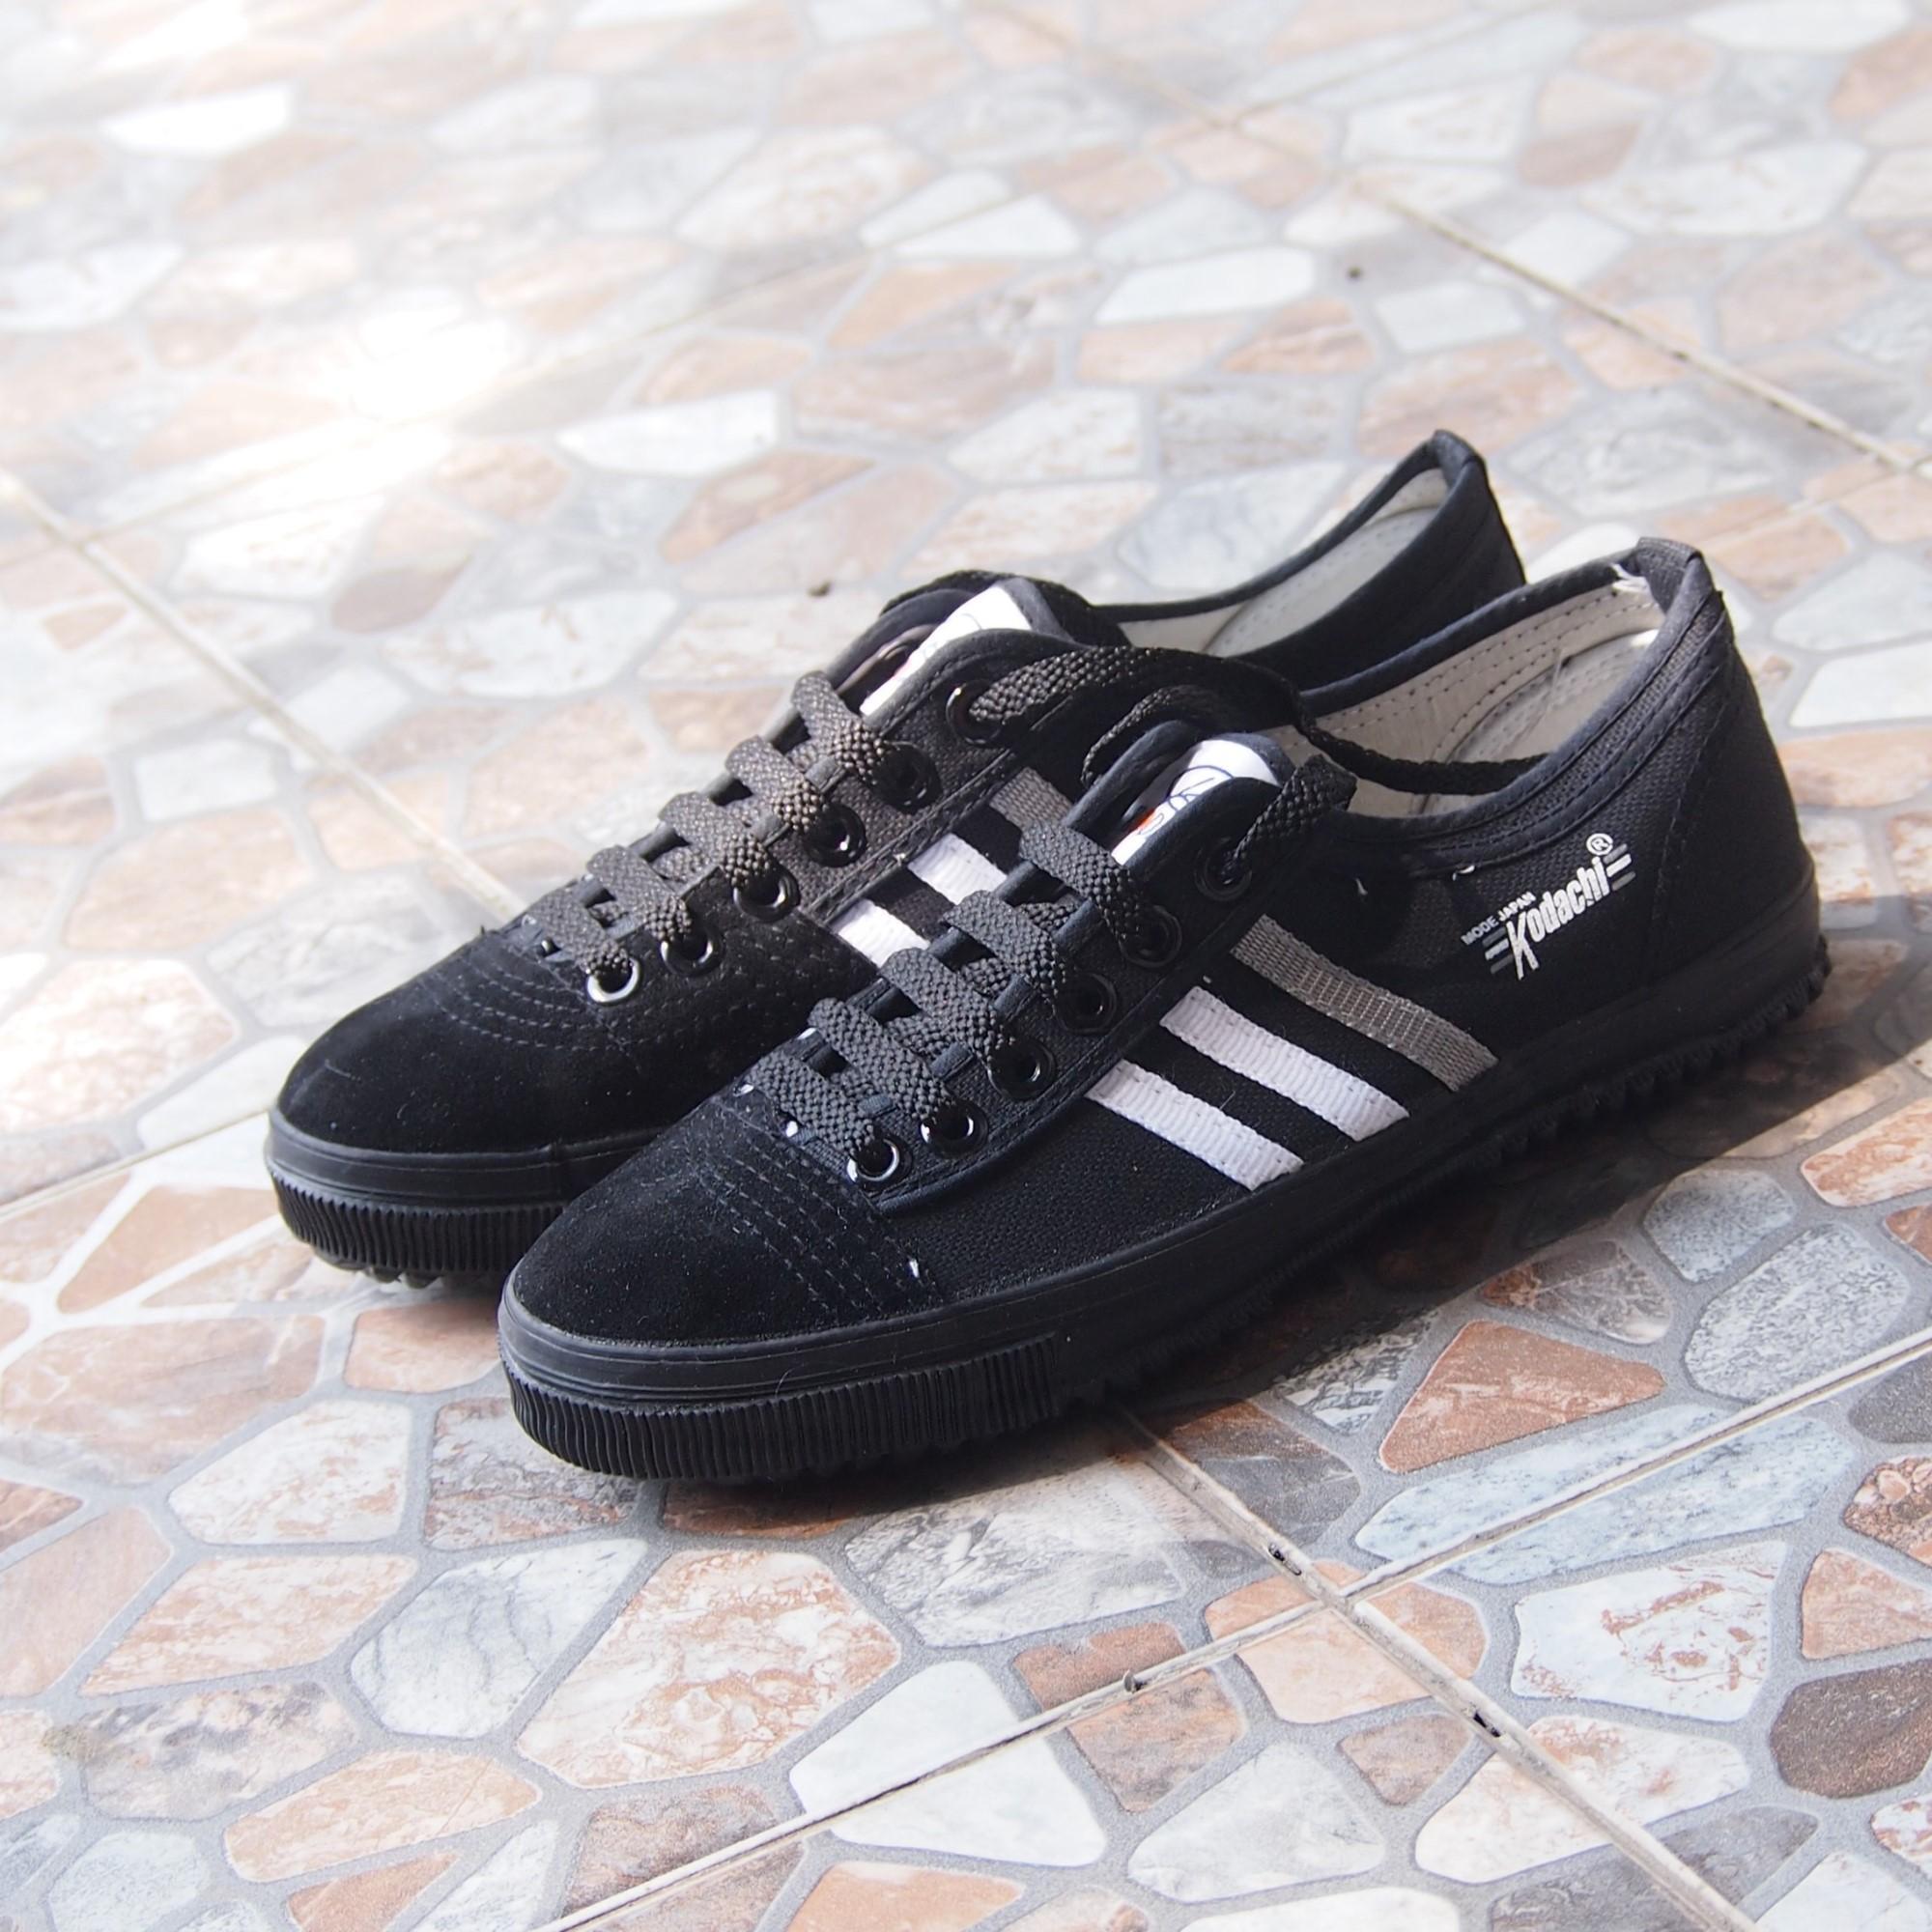 Sepatu Kodachi GH-8111 - Sepatu Olahraga Import Stripe Hitam